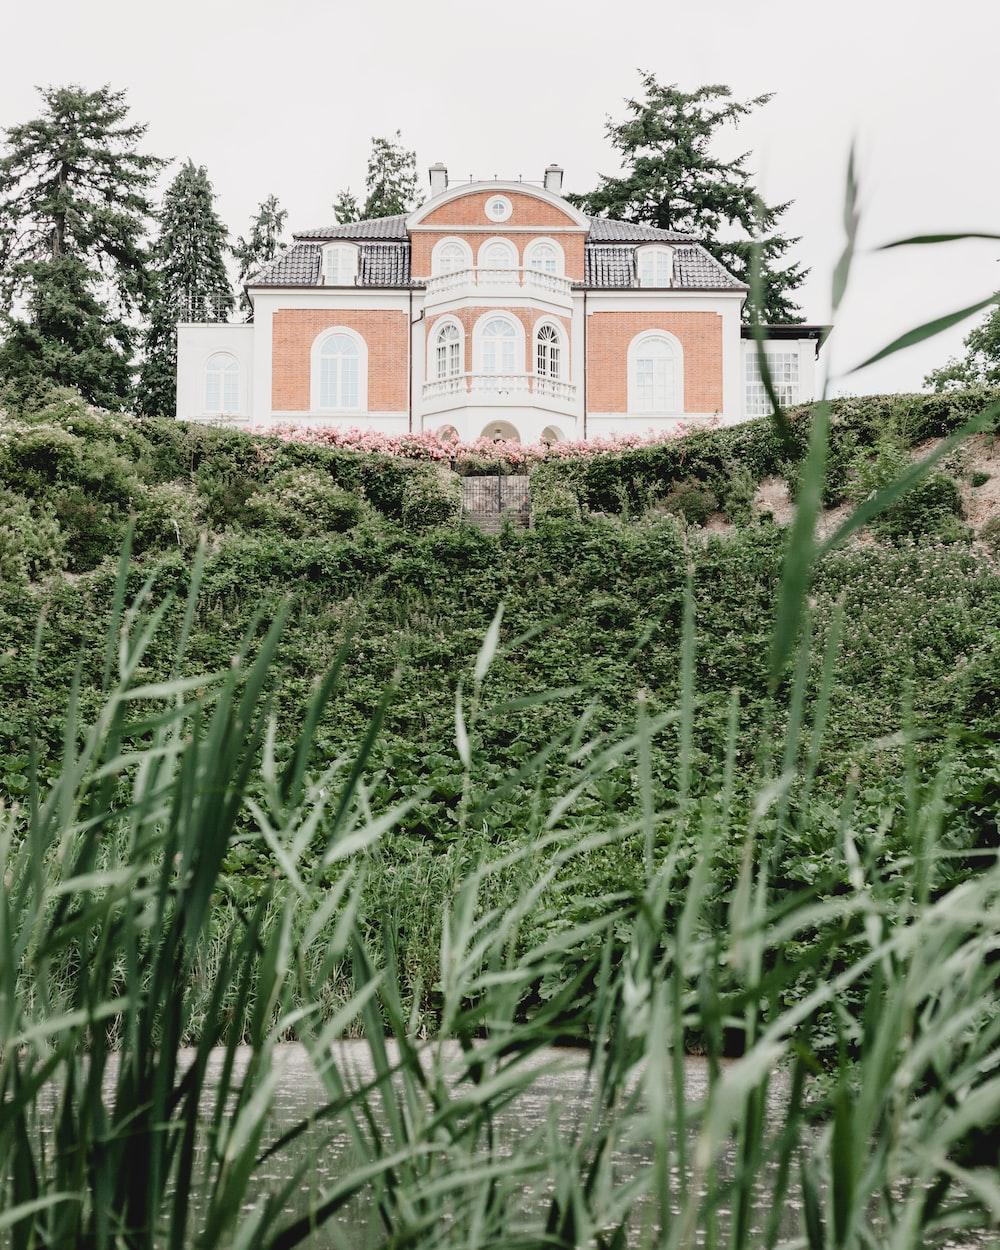 white and orange house beside garden